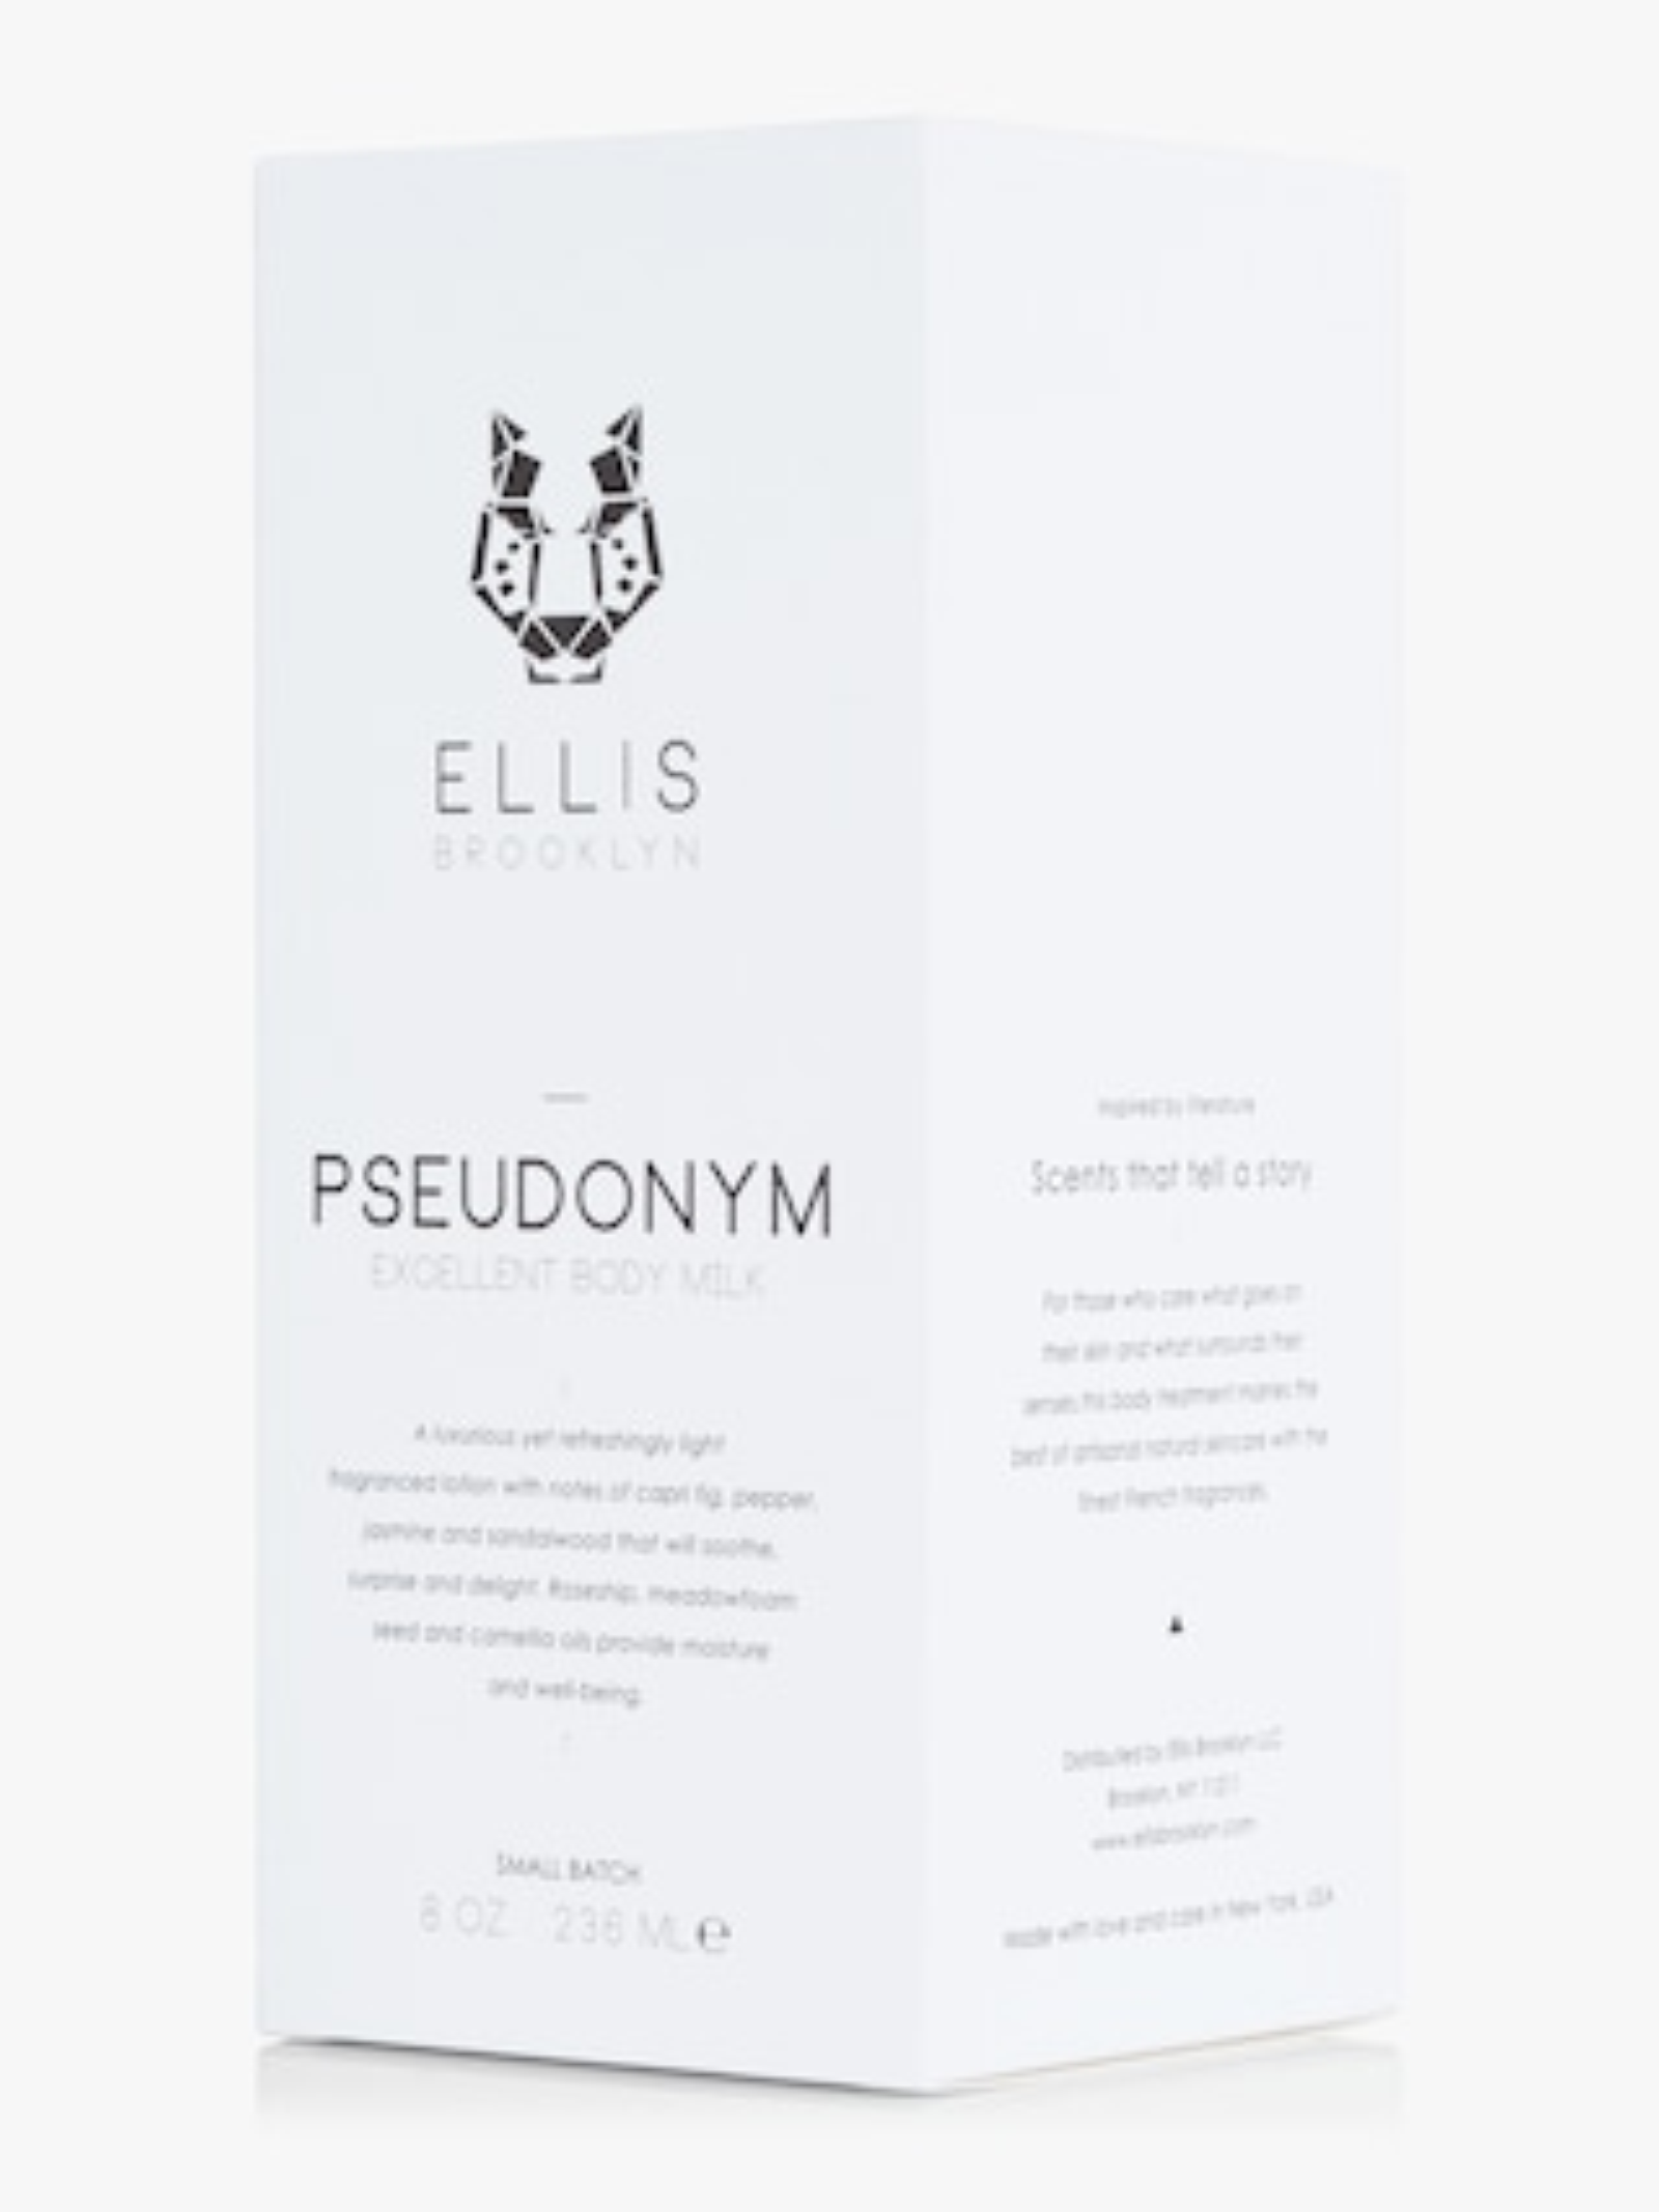 Ellis Brooklyn Pseudonym Excellent Body Milk 8 oz 2